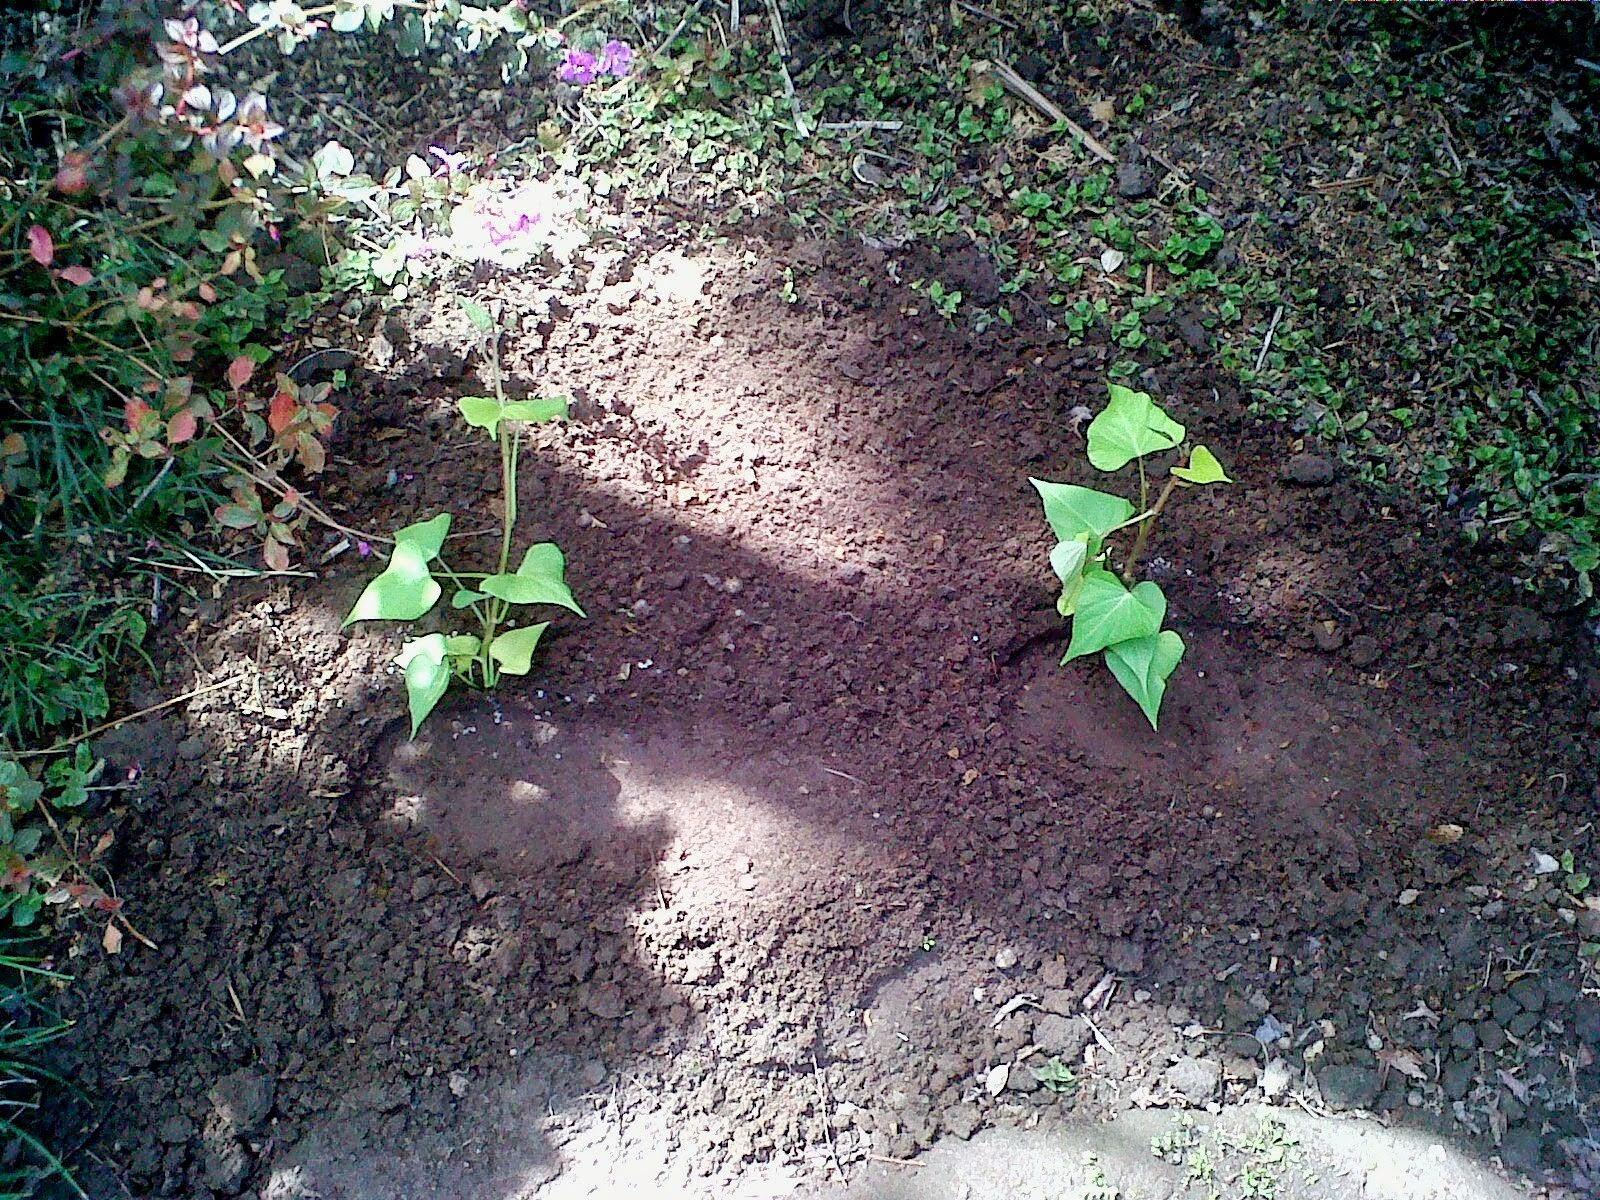 urban garden and backyard farming south africa april 2014